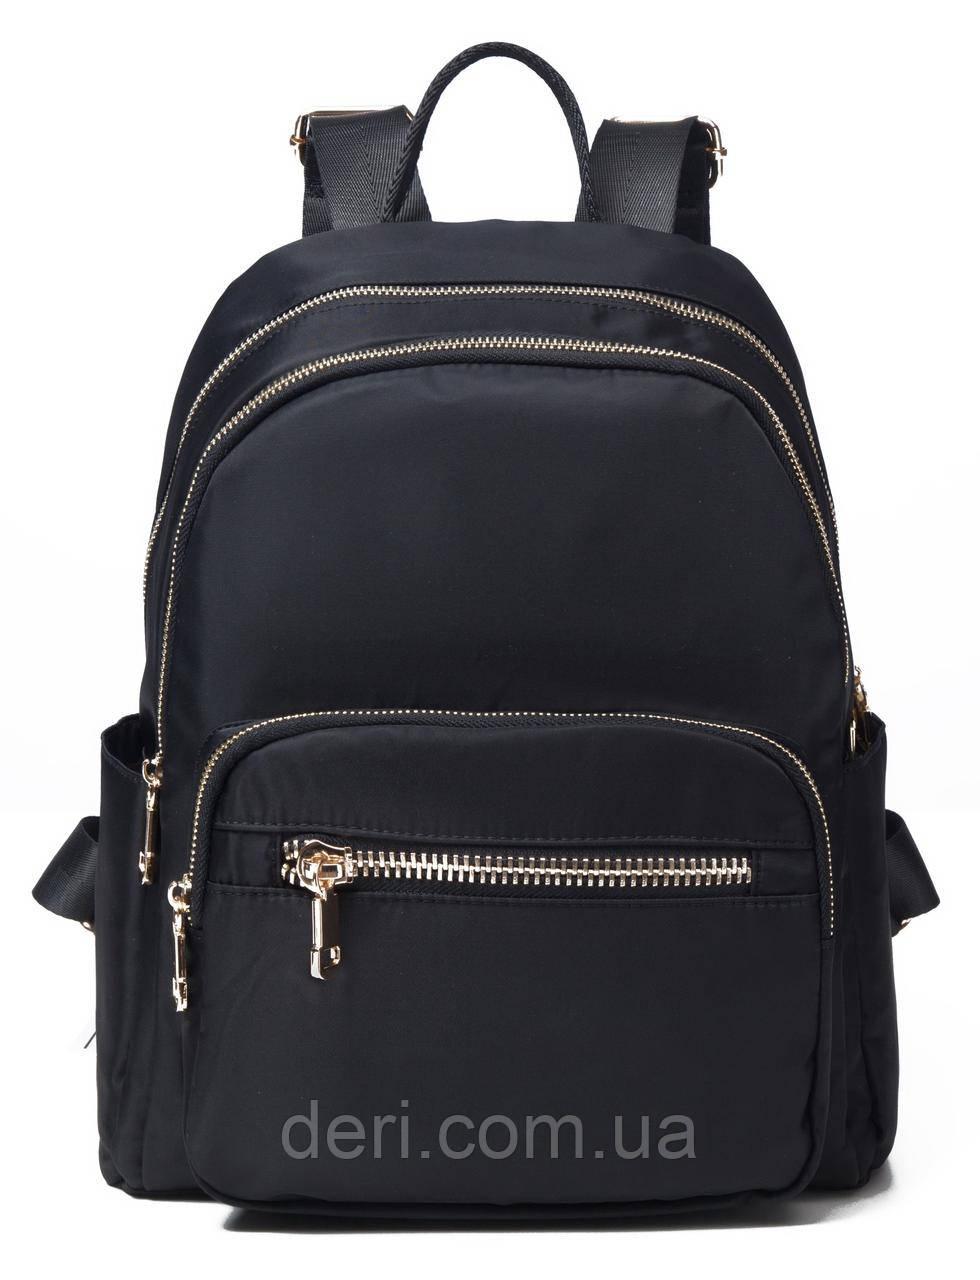 Рюкзак женский нейлоновый Vintage 14805 Черный, Черный